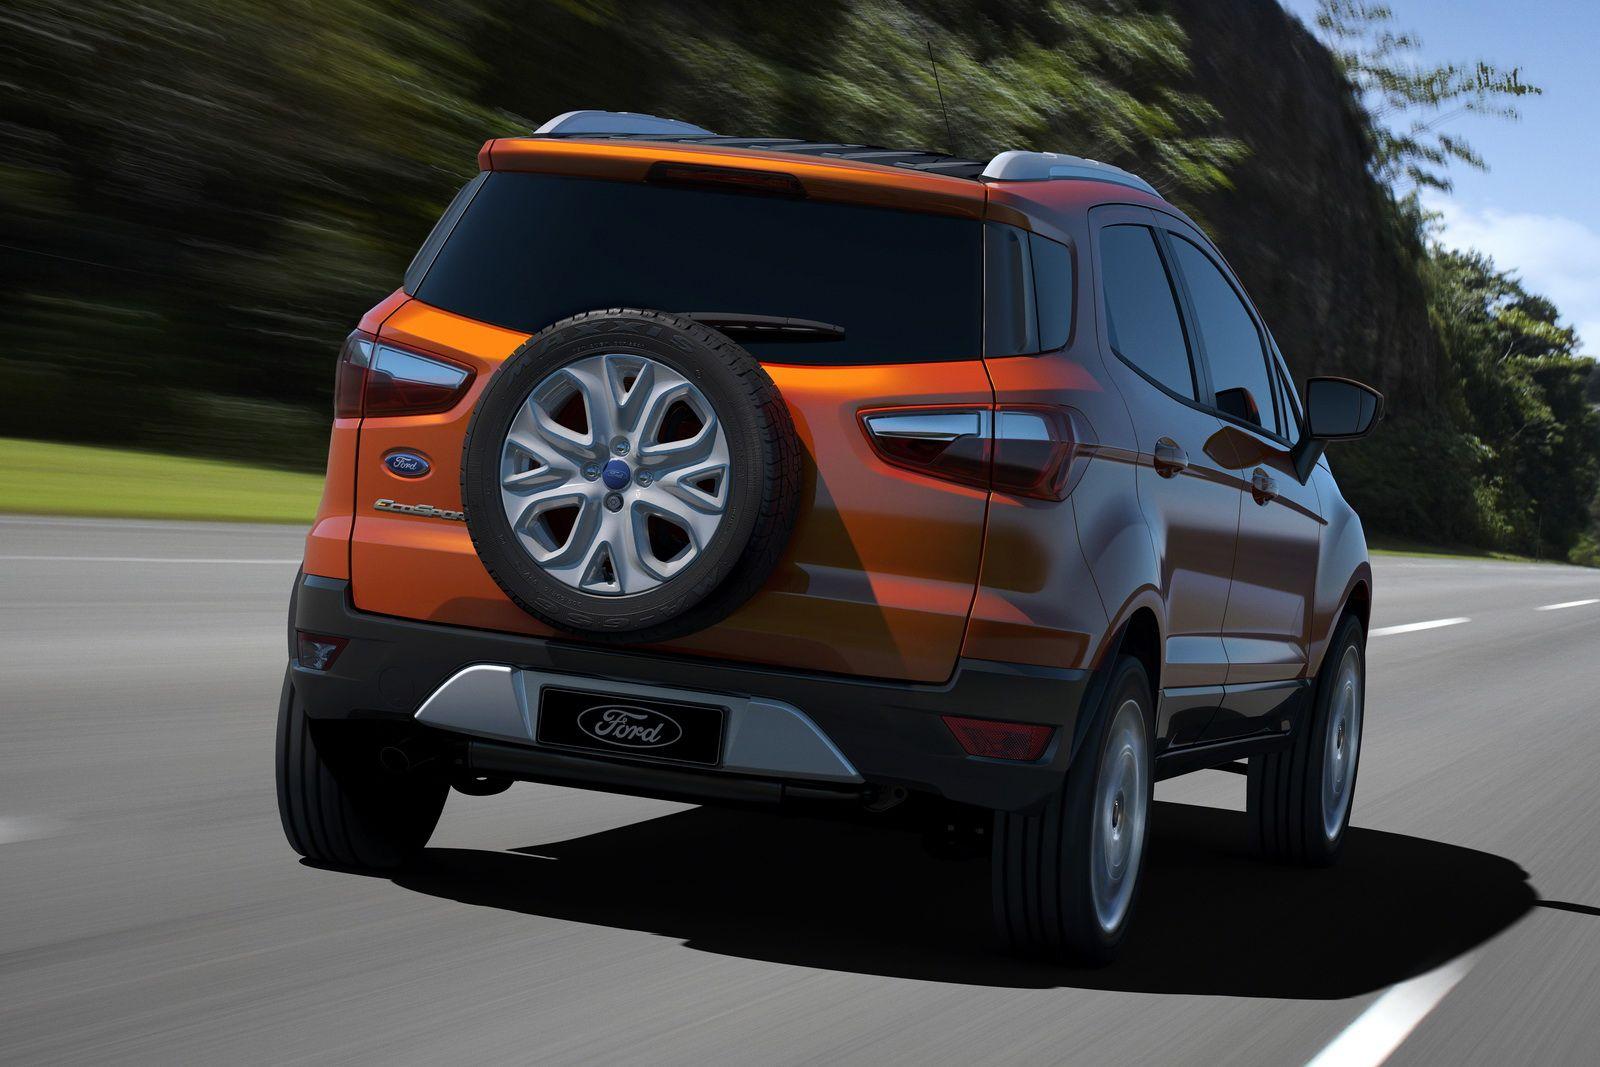 Traseira da nova ecosport 2013 da ford foto oficial do modelo titanium